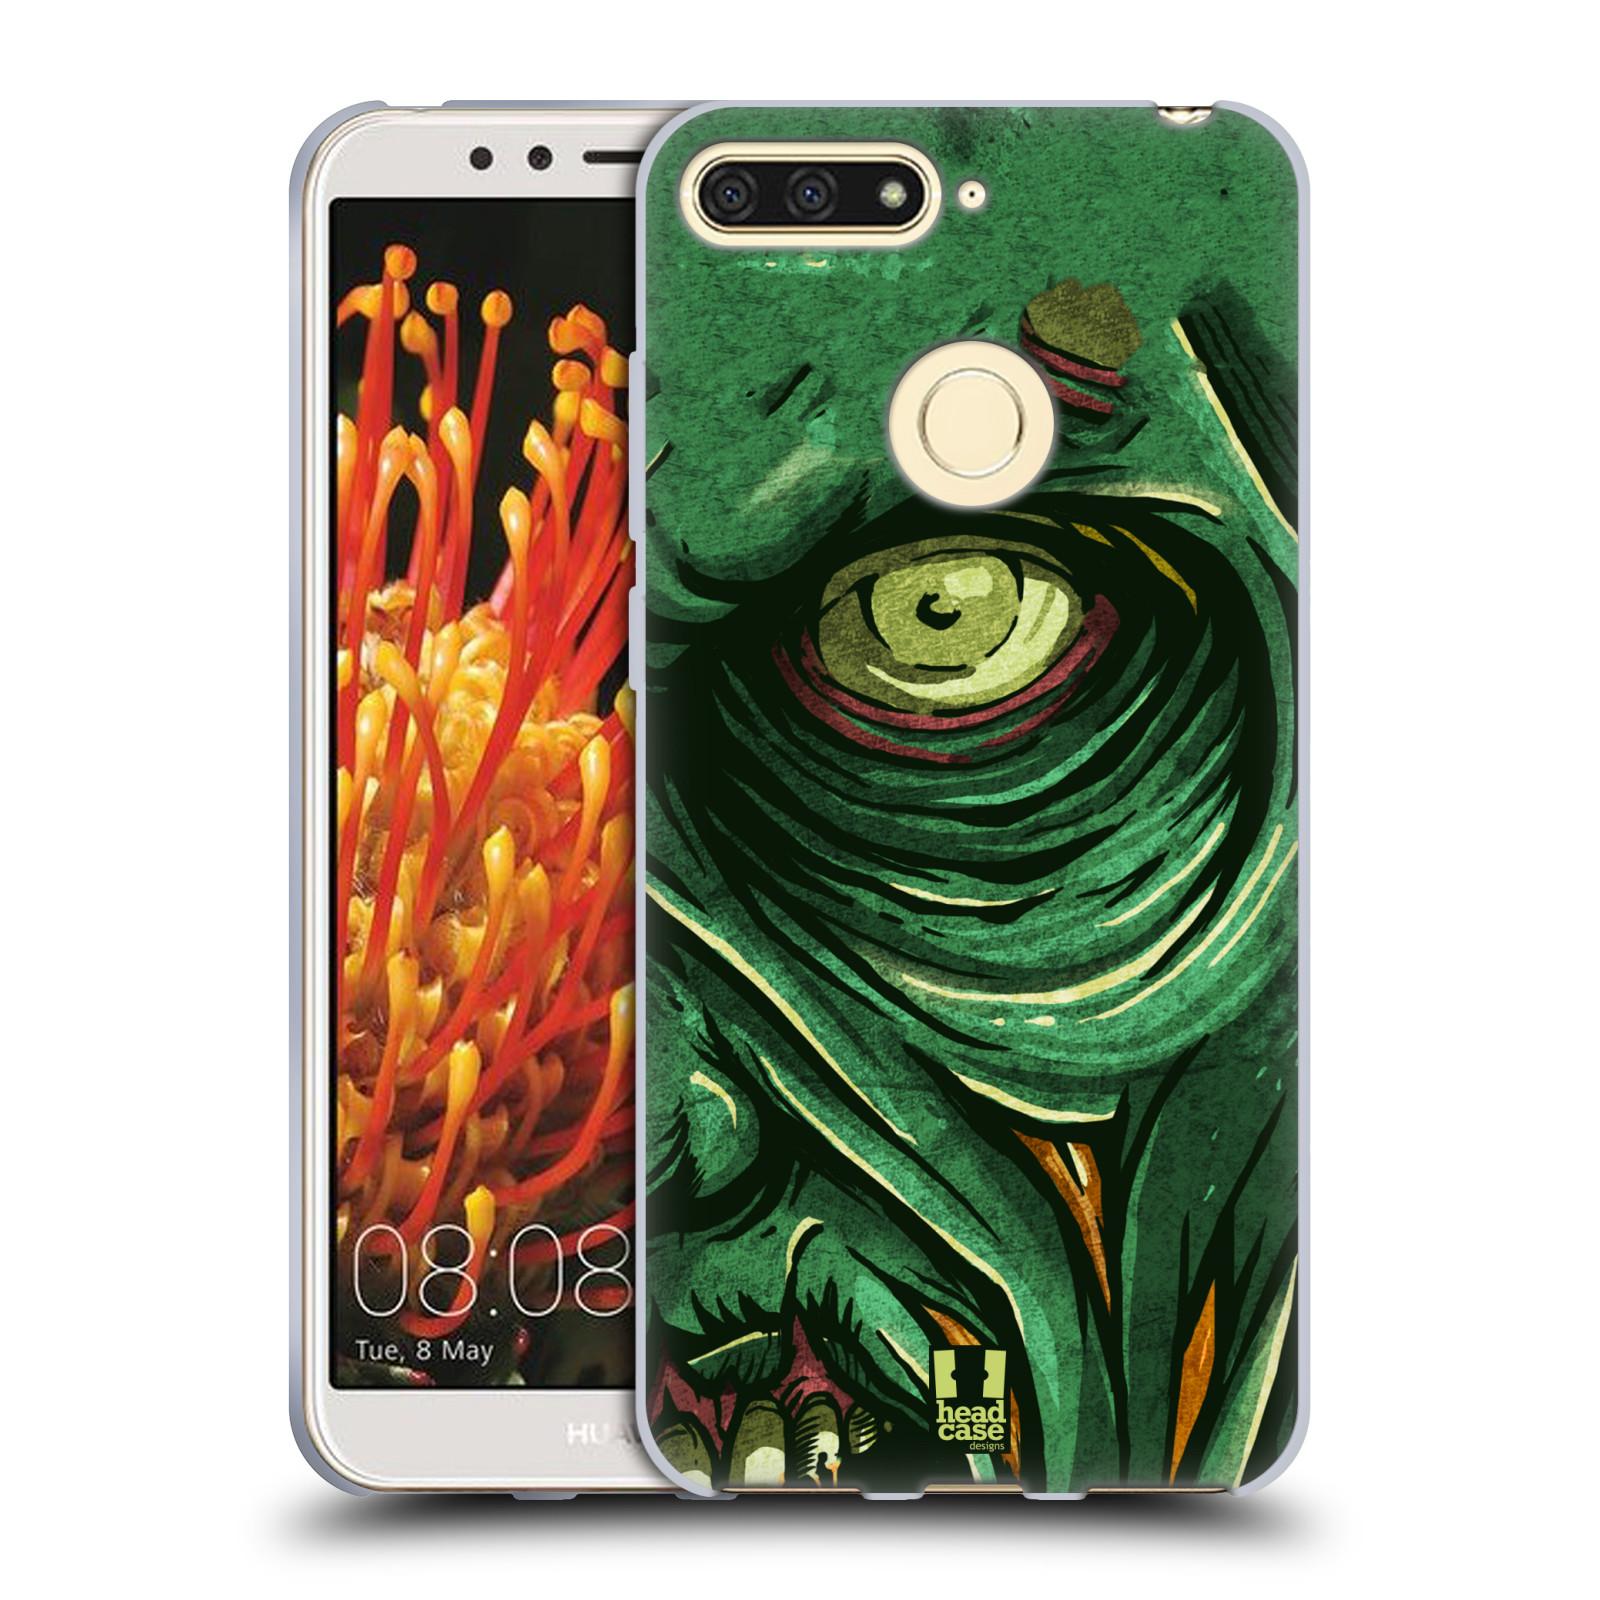 Silikonové pouzdro na mobil Huawei Y6 Prime (2018) - Head Case - ZOMBIE TVÁŘ